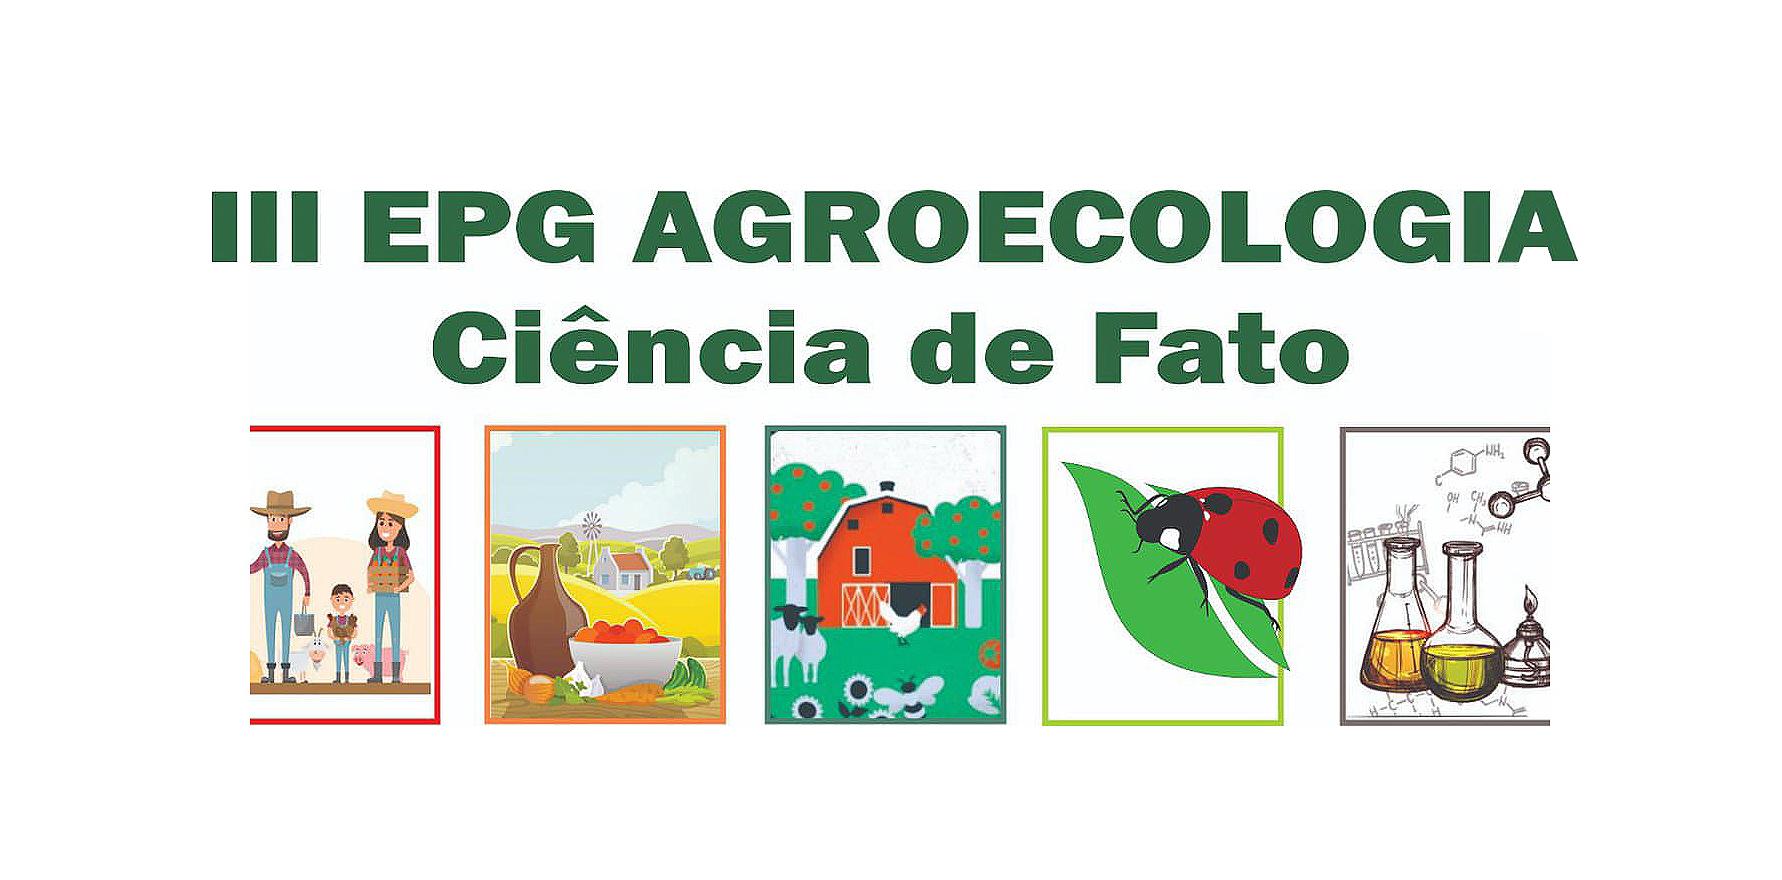 3º Encontro de Pós em Agroecologia recebe inscrições e submissões